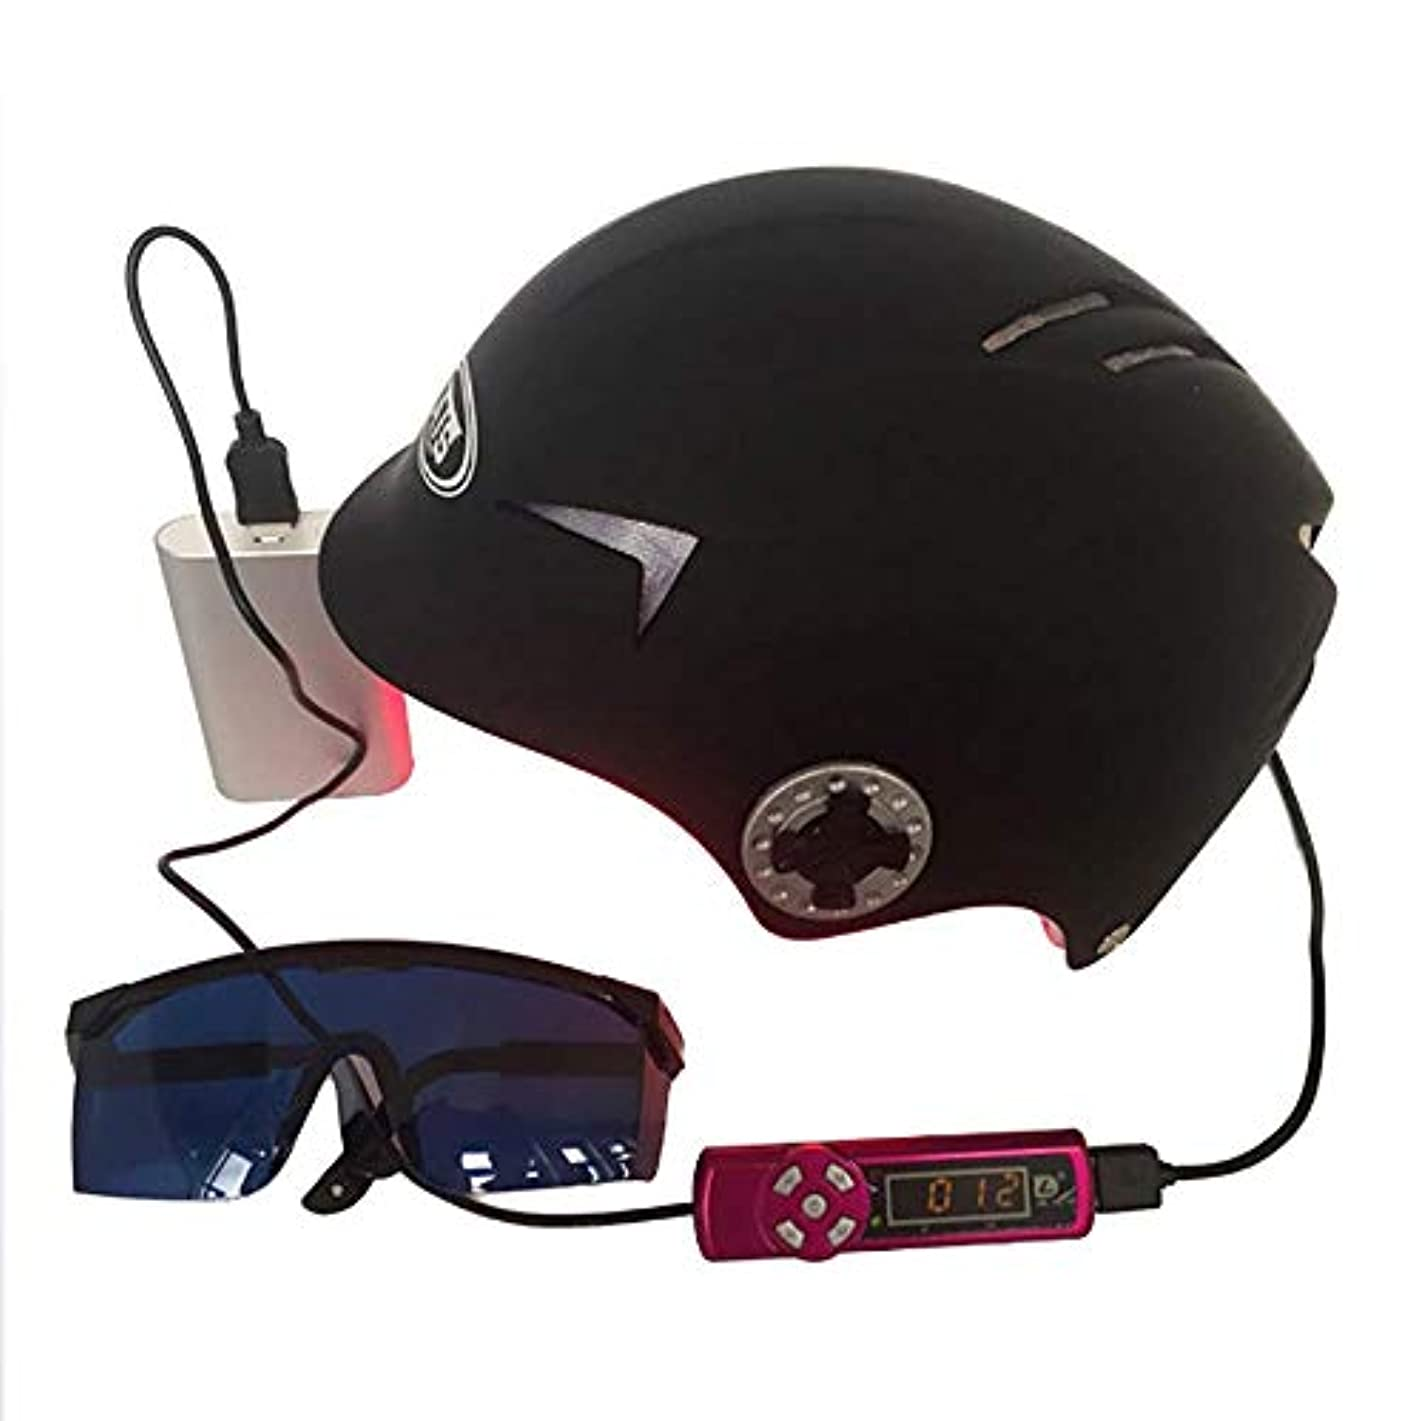 リアルカップル衝突育毛ヘルメット急成長脱毛ソリューション男性と女性のダイオード治療ヘア帽子,64